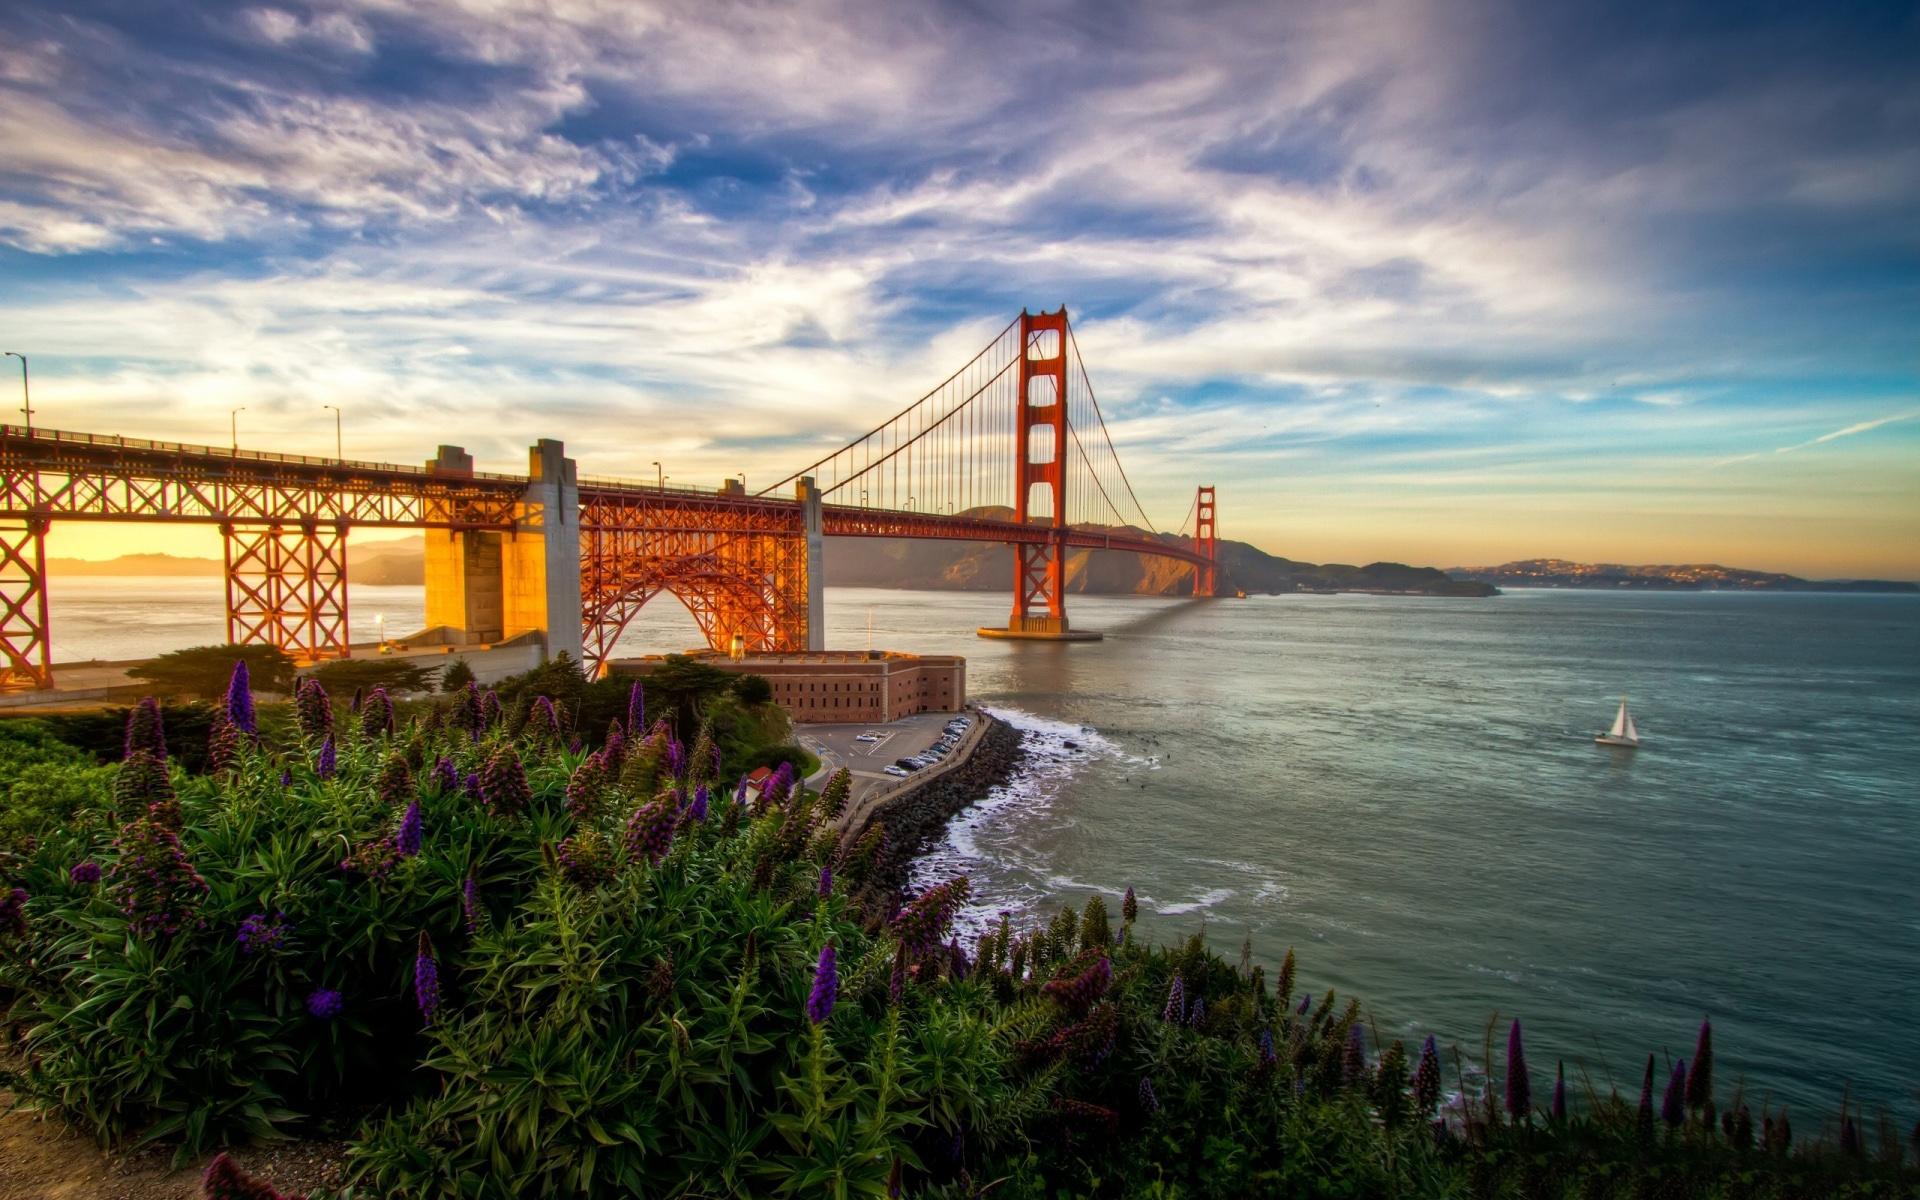 awesome bridge nature image